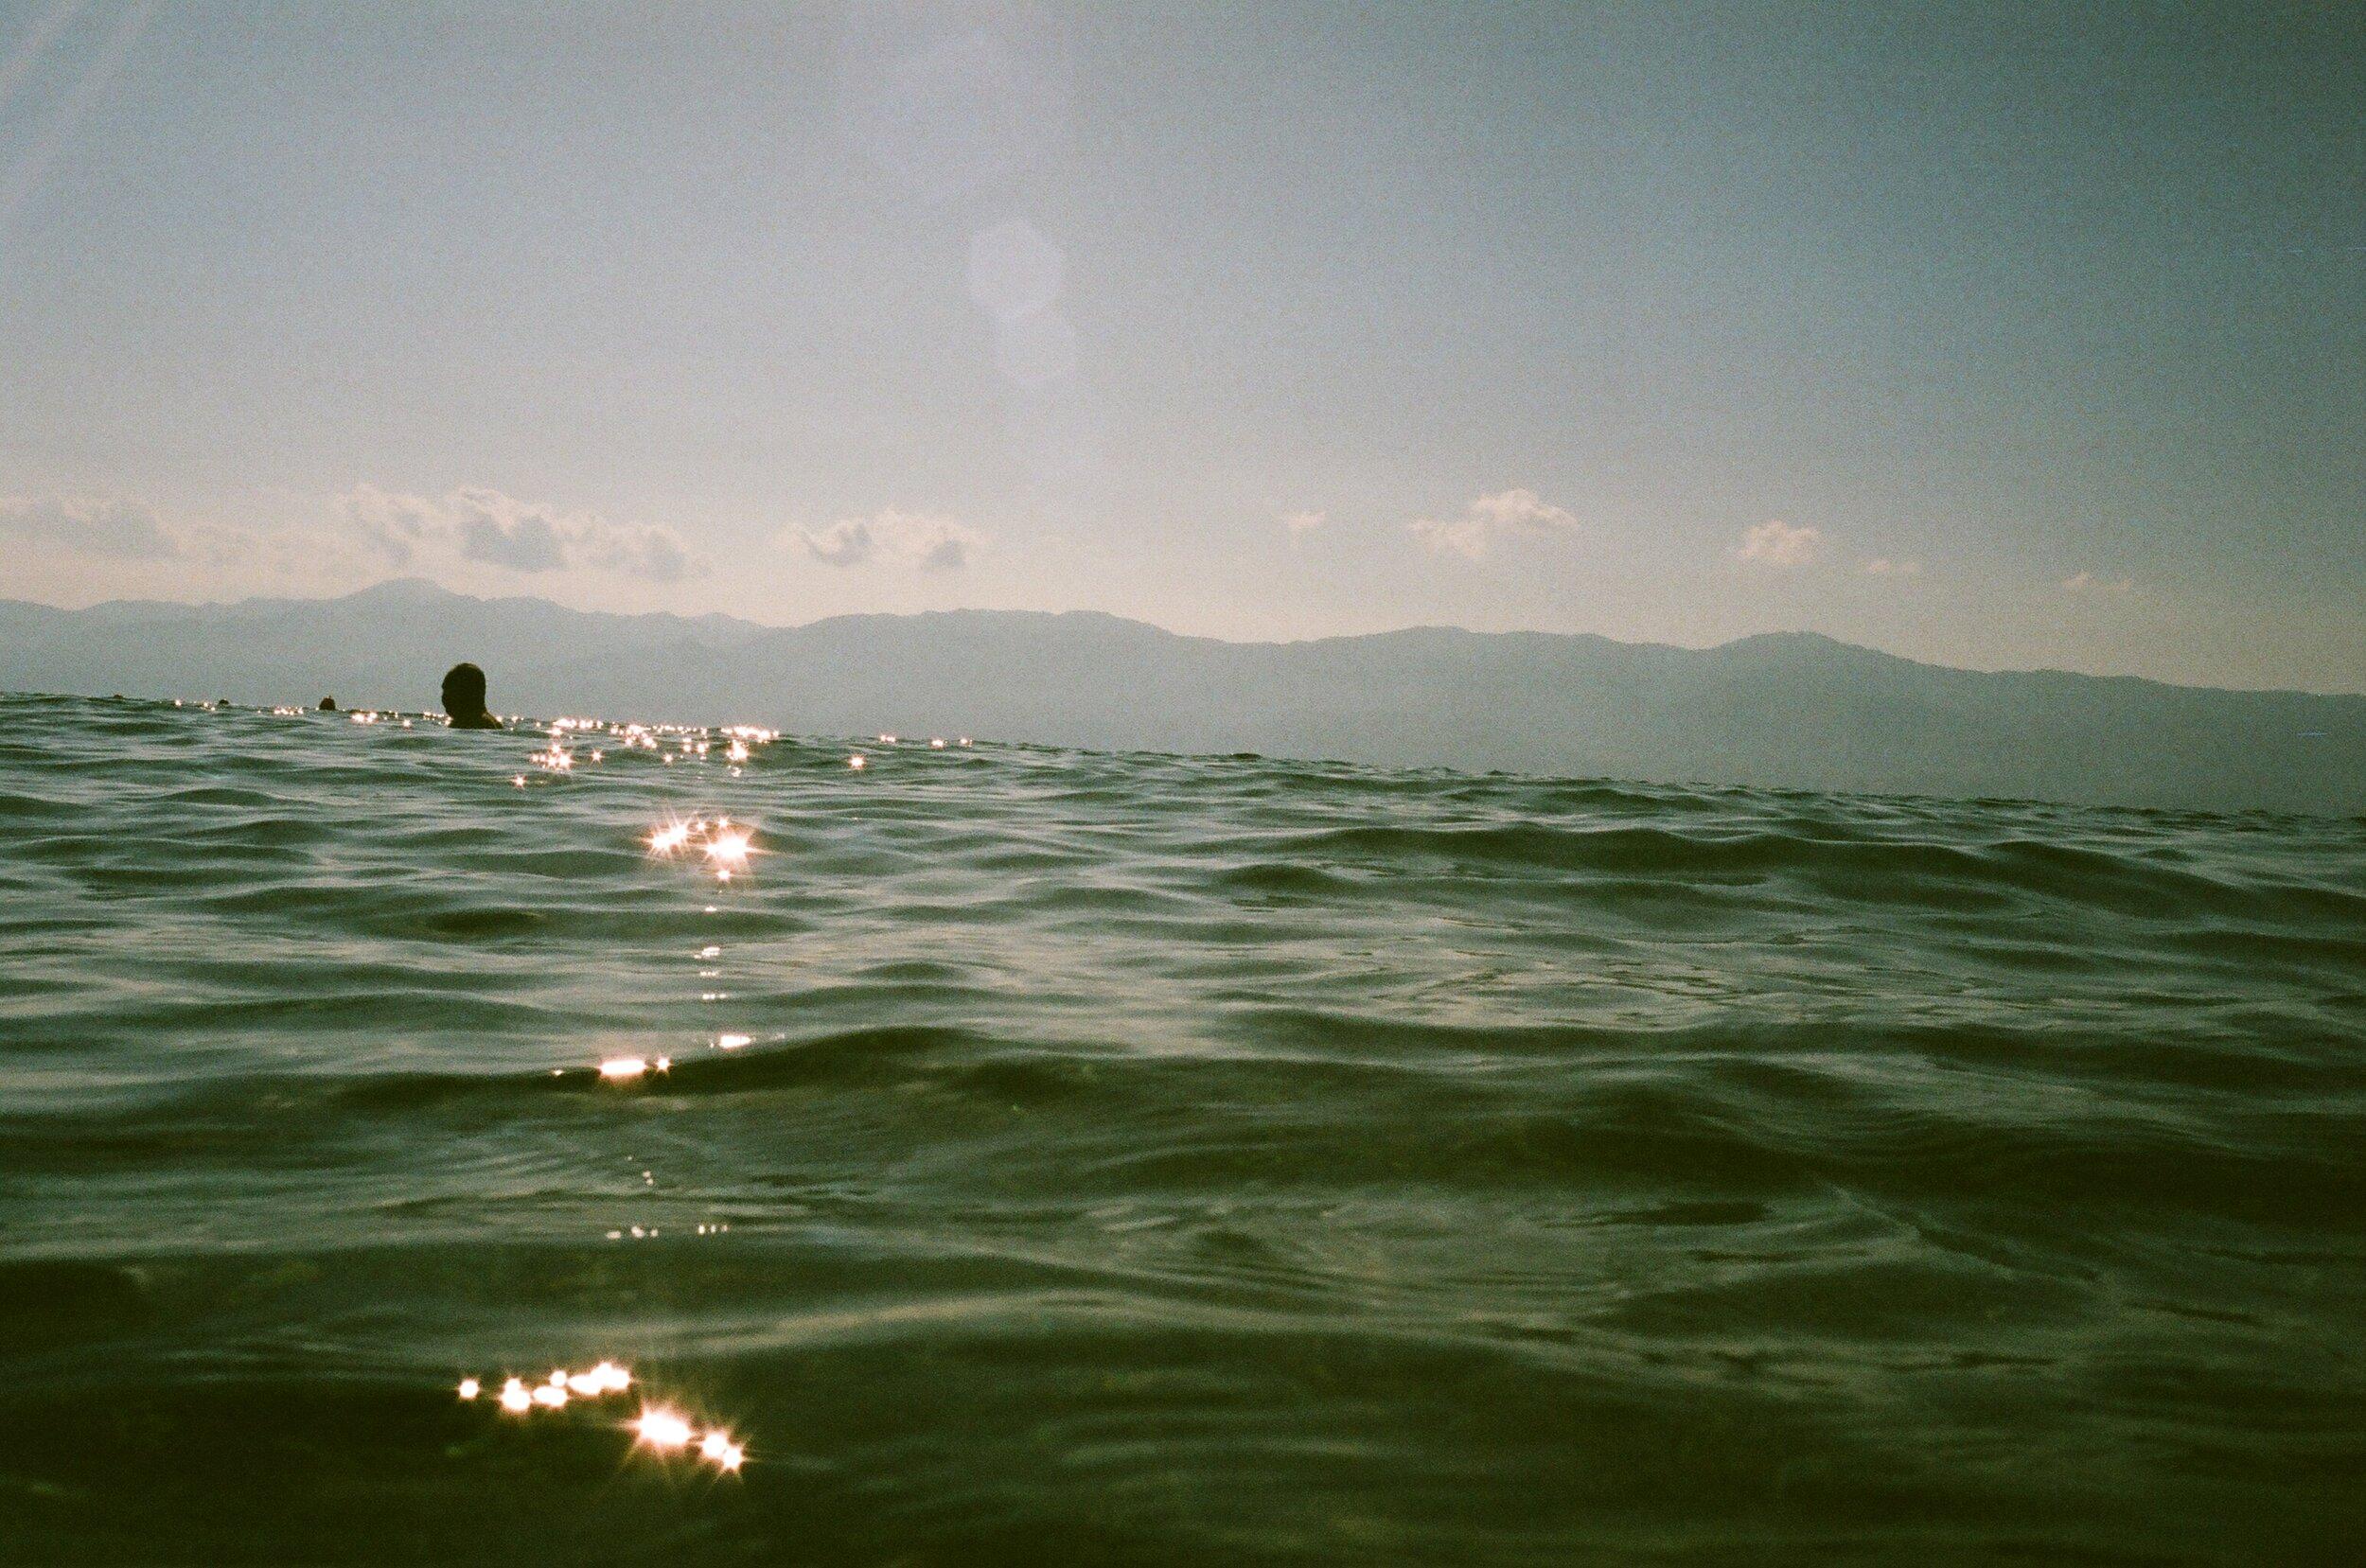 nikonos_image1.jpg